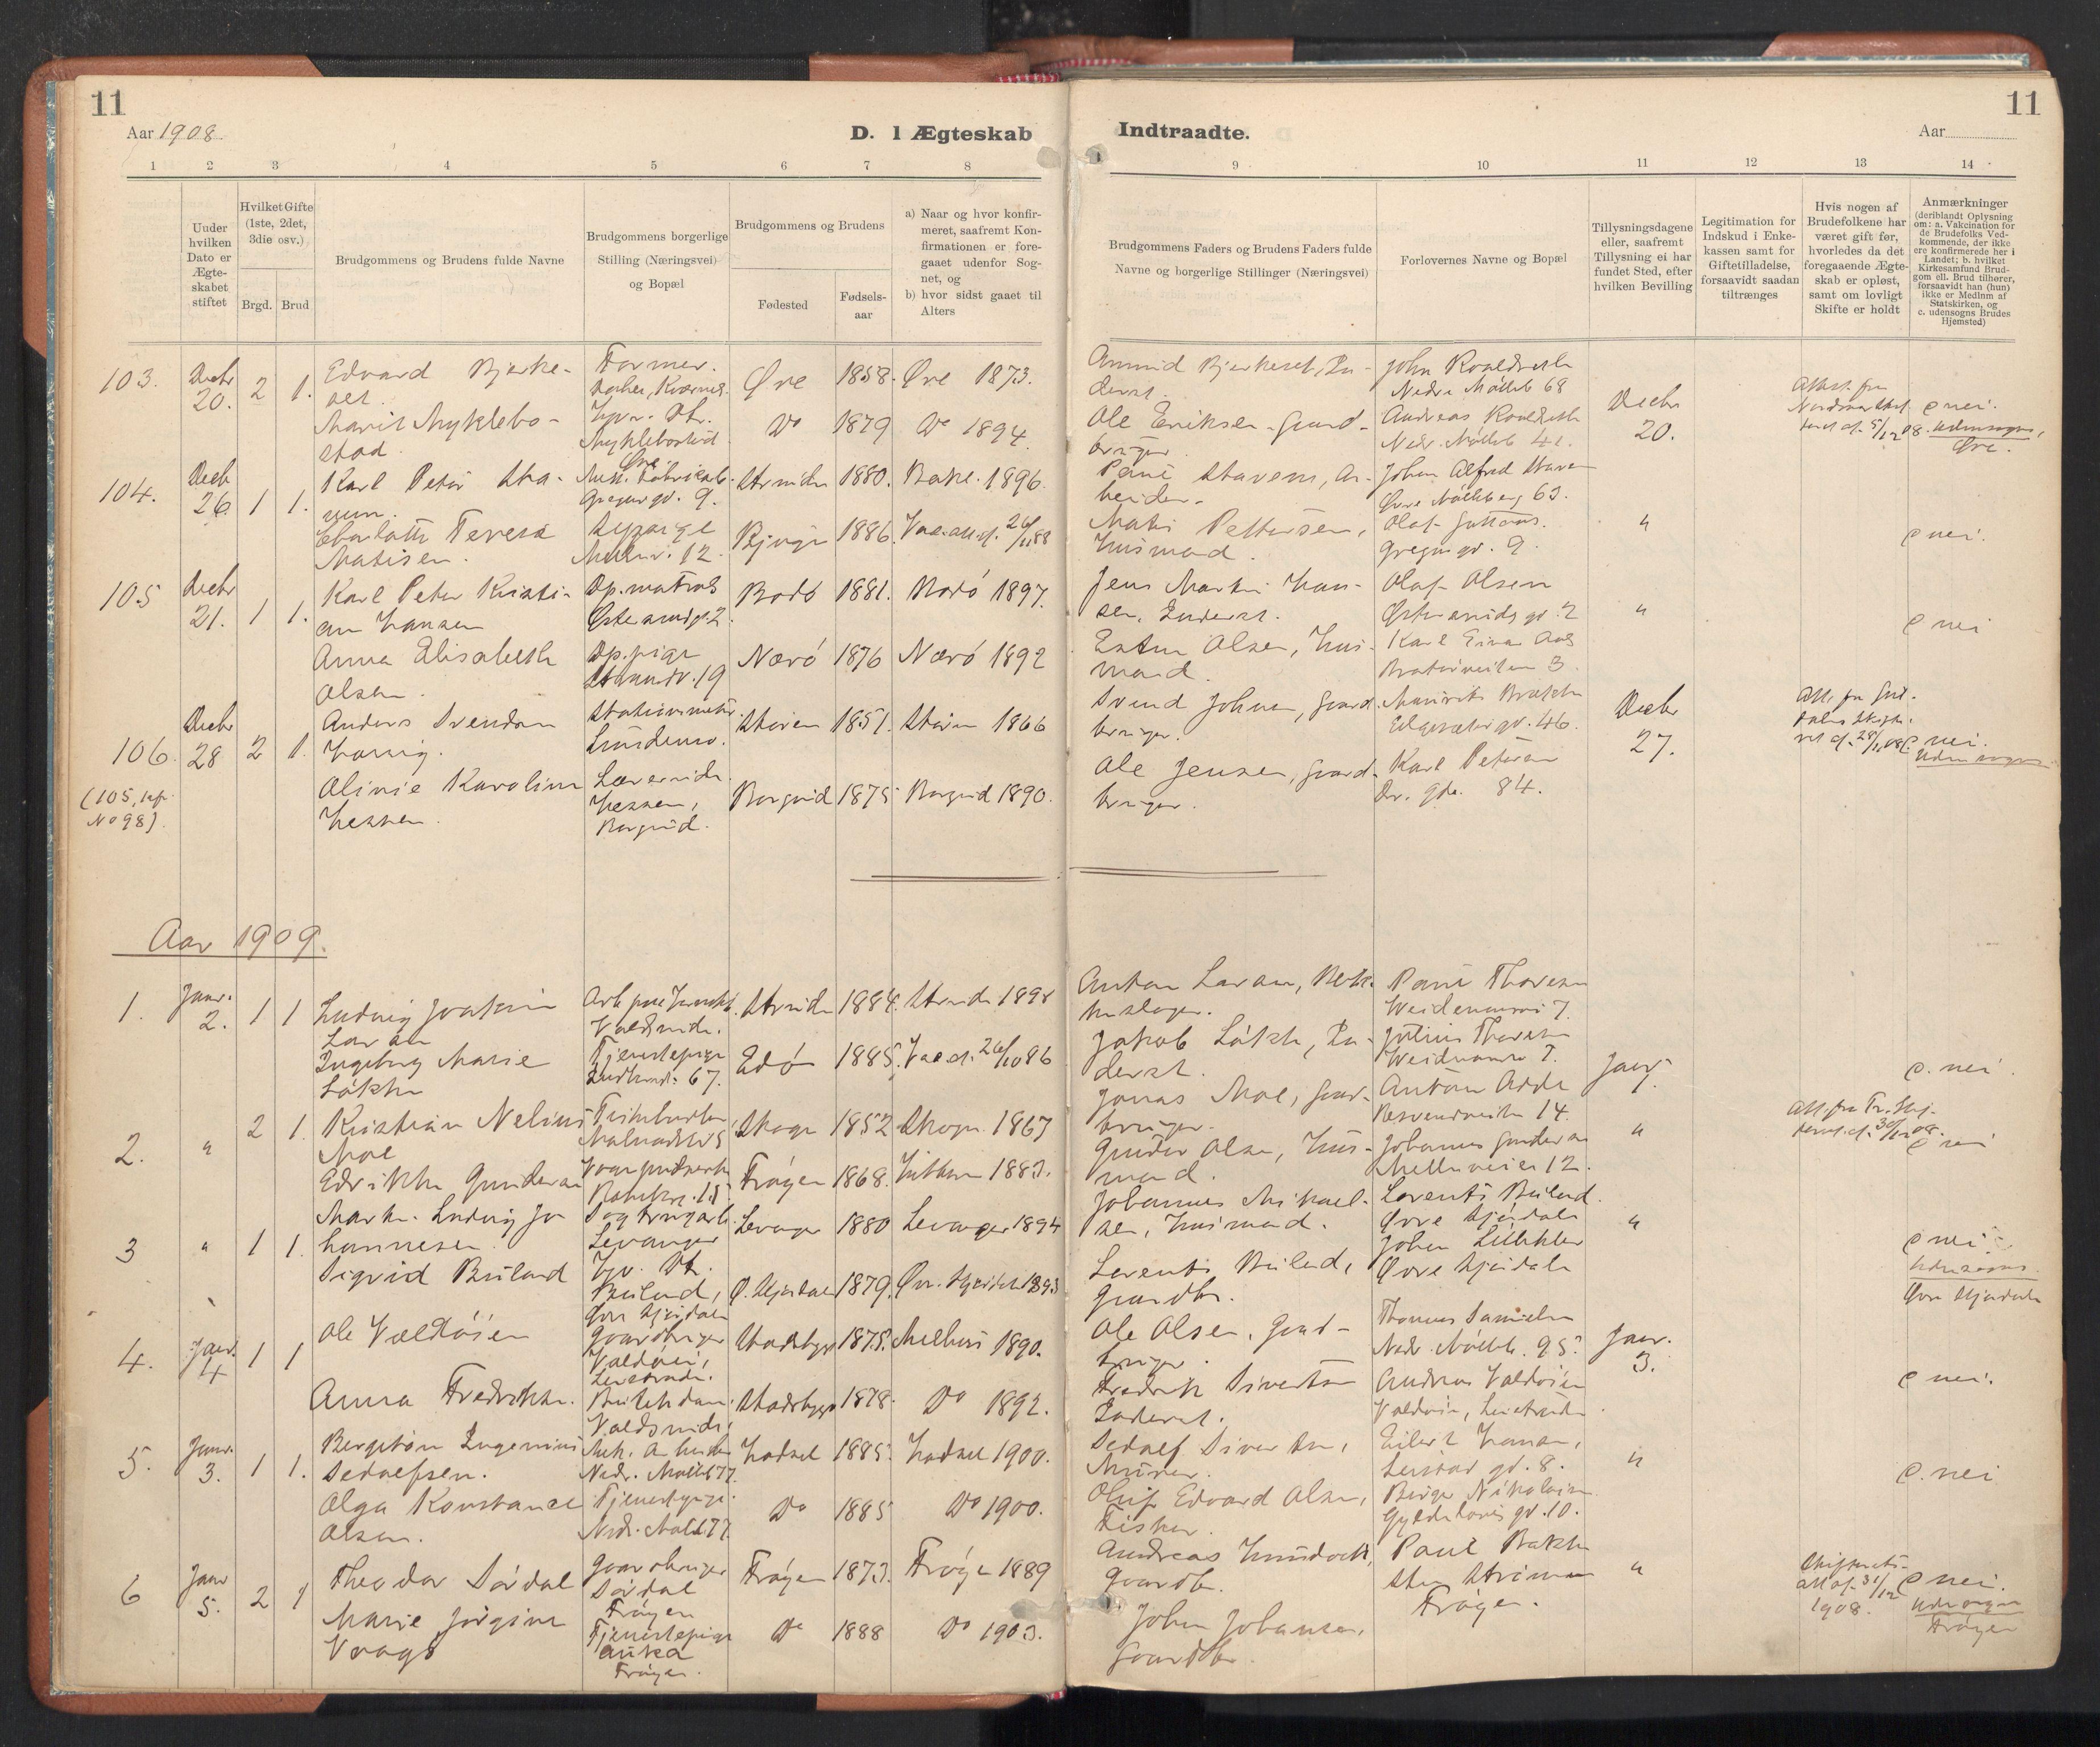 SAT, Ministerialprotokoller, klokkerbøker og fødselsregistre - Sør-Trøndelag, 605/L0244: Ministerialbok nr. 605A06, 1908-1954, s. 11